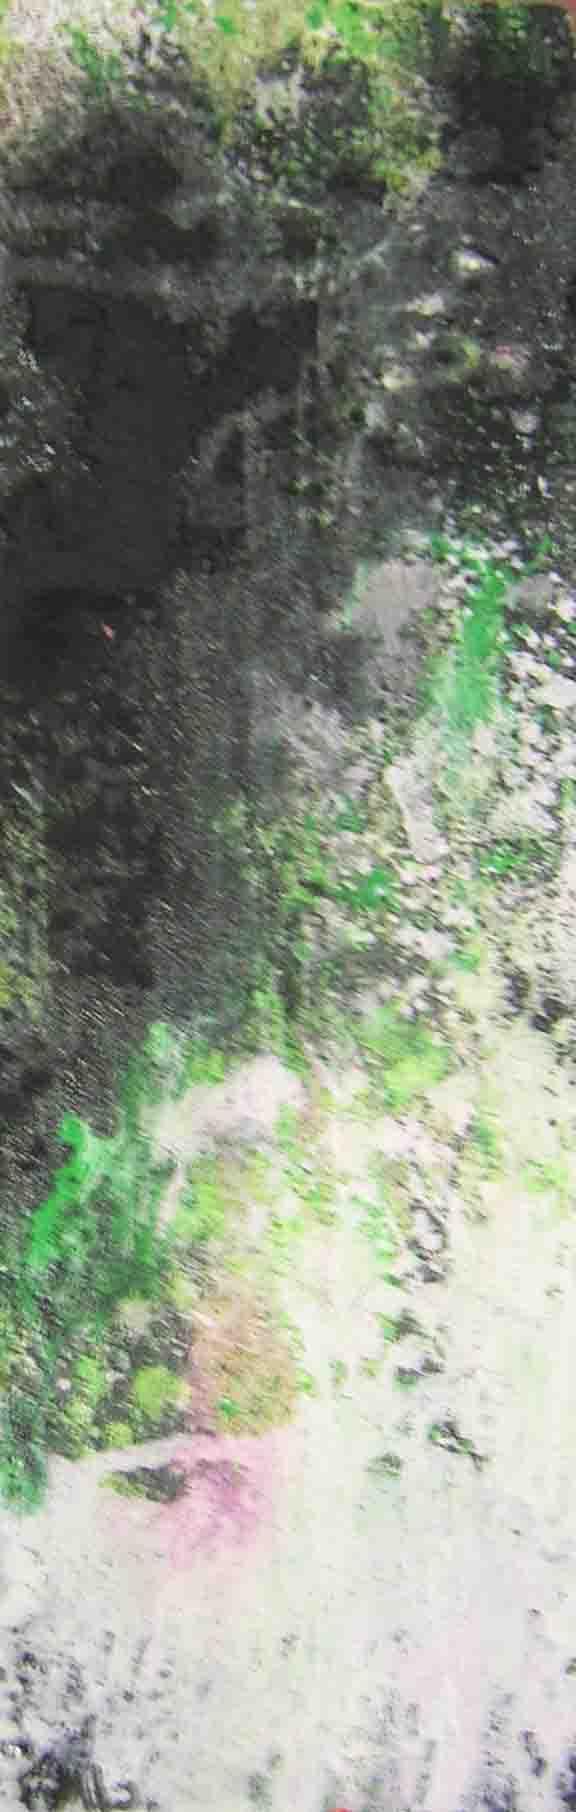 tableau abstrait dessechement chimique en vert et blanc